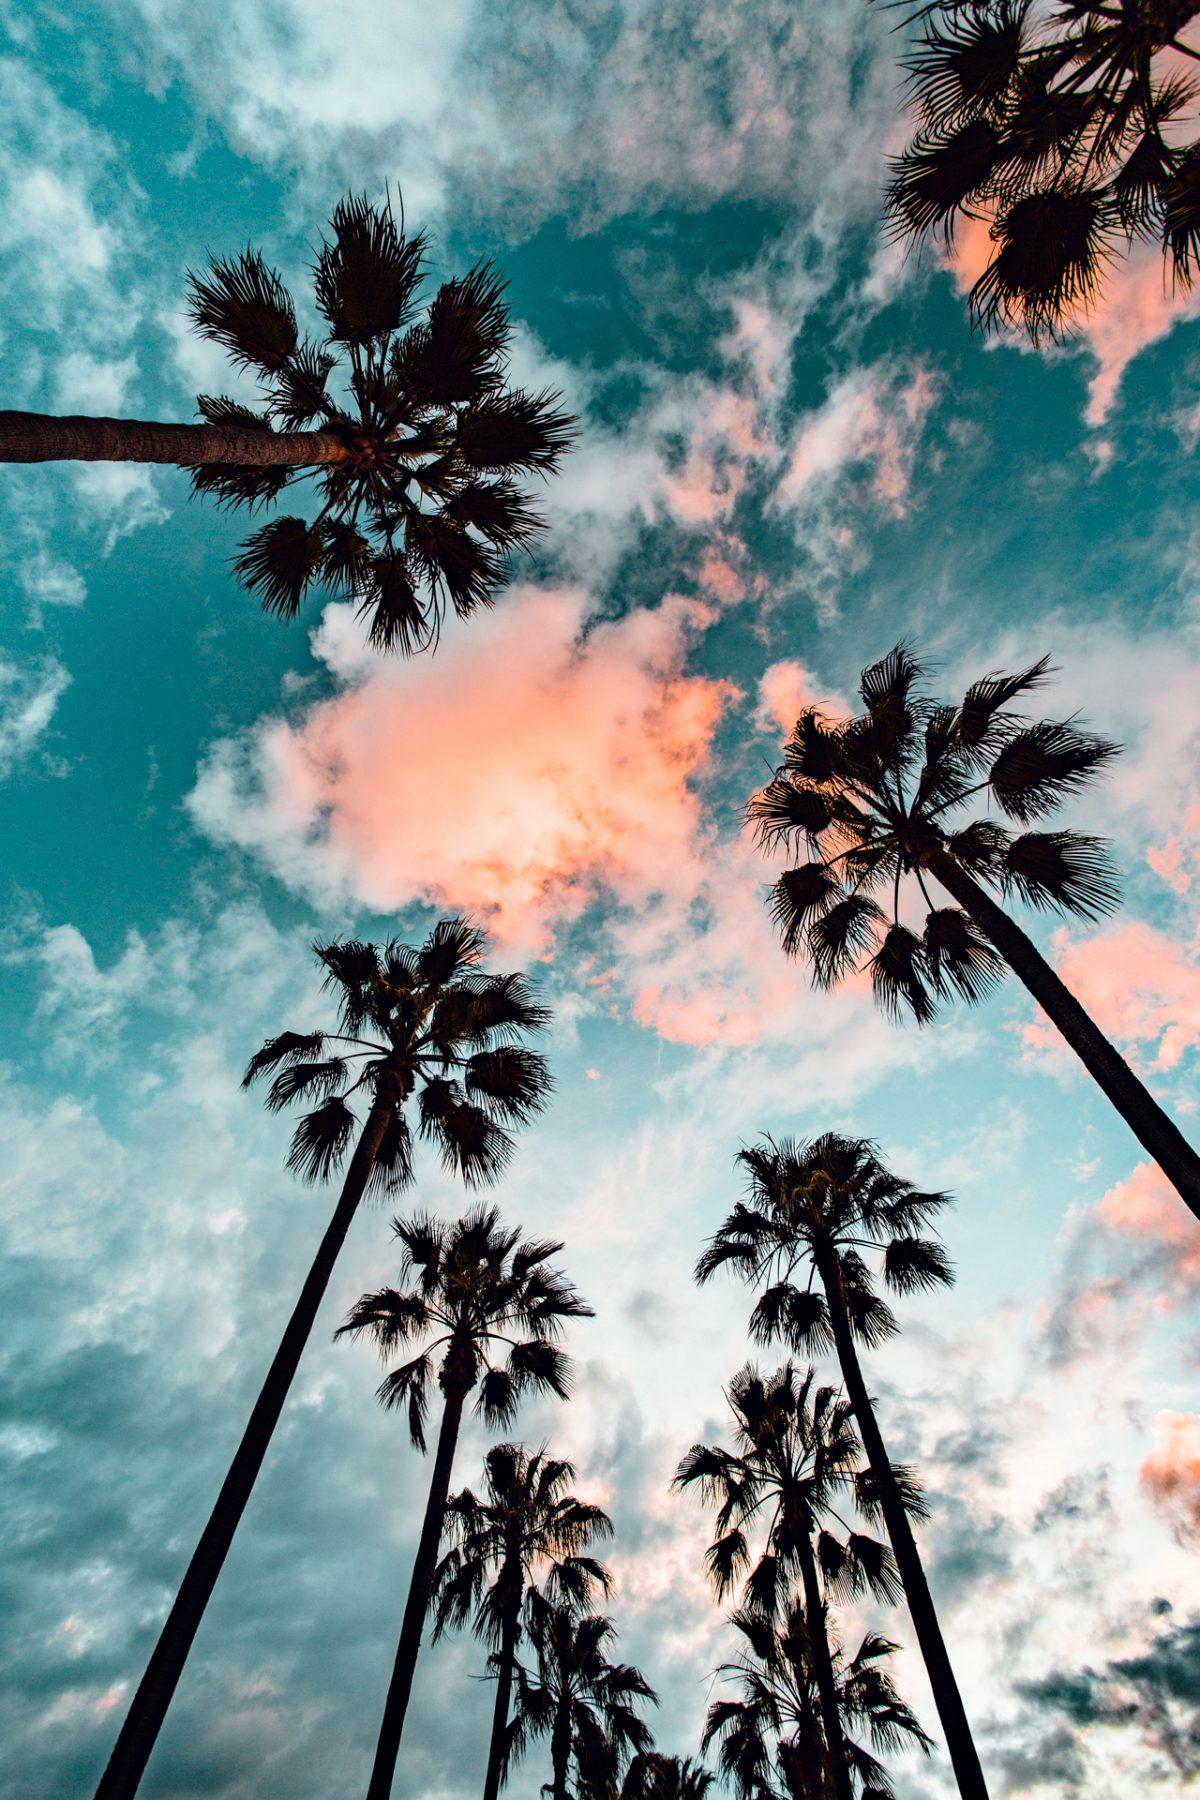 Long Beach, Sunset, Clouds